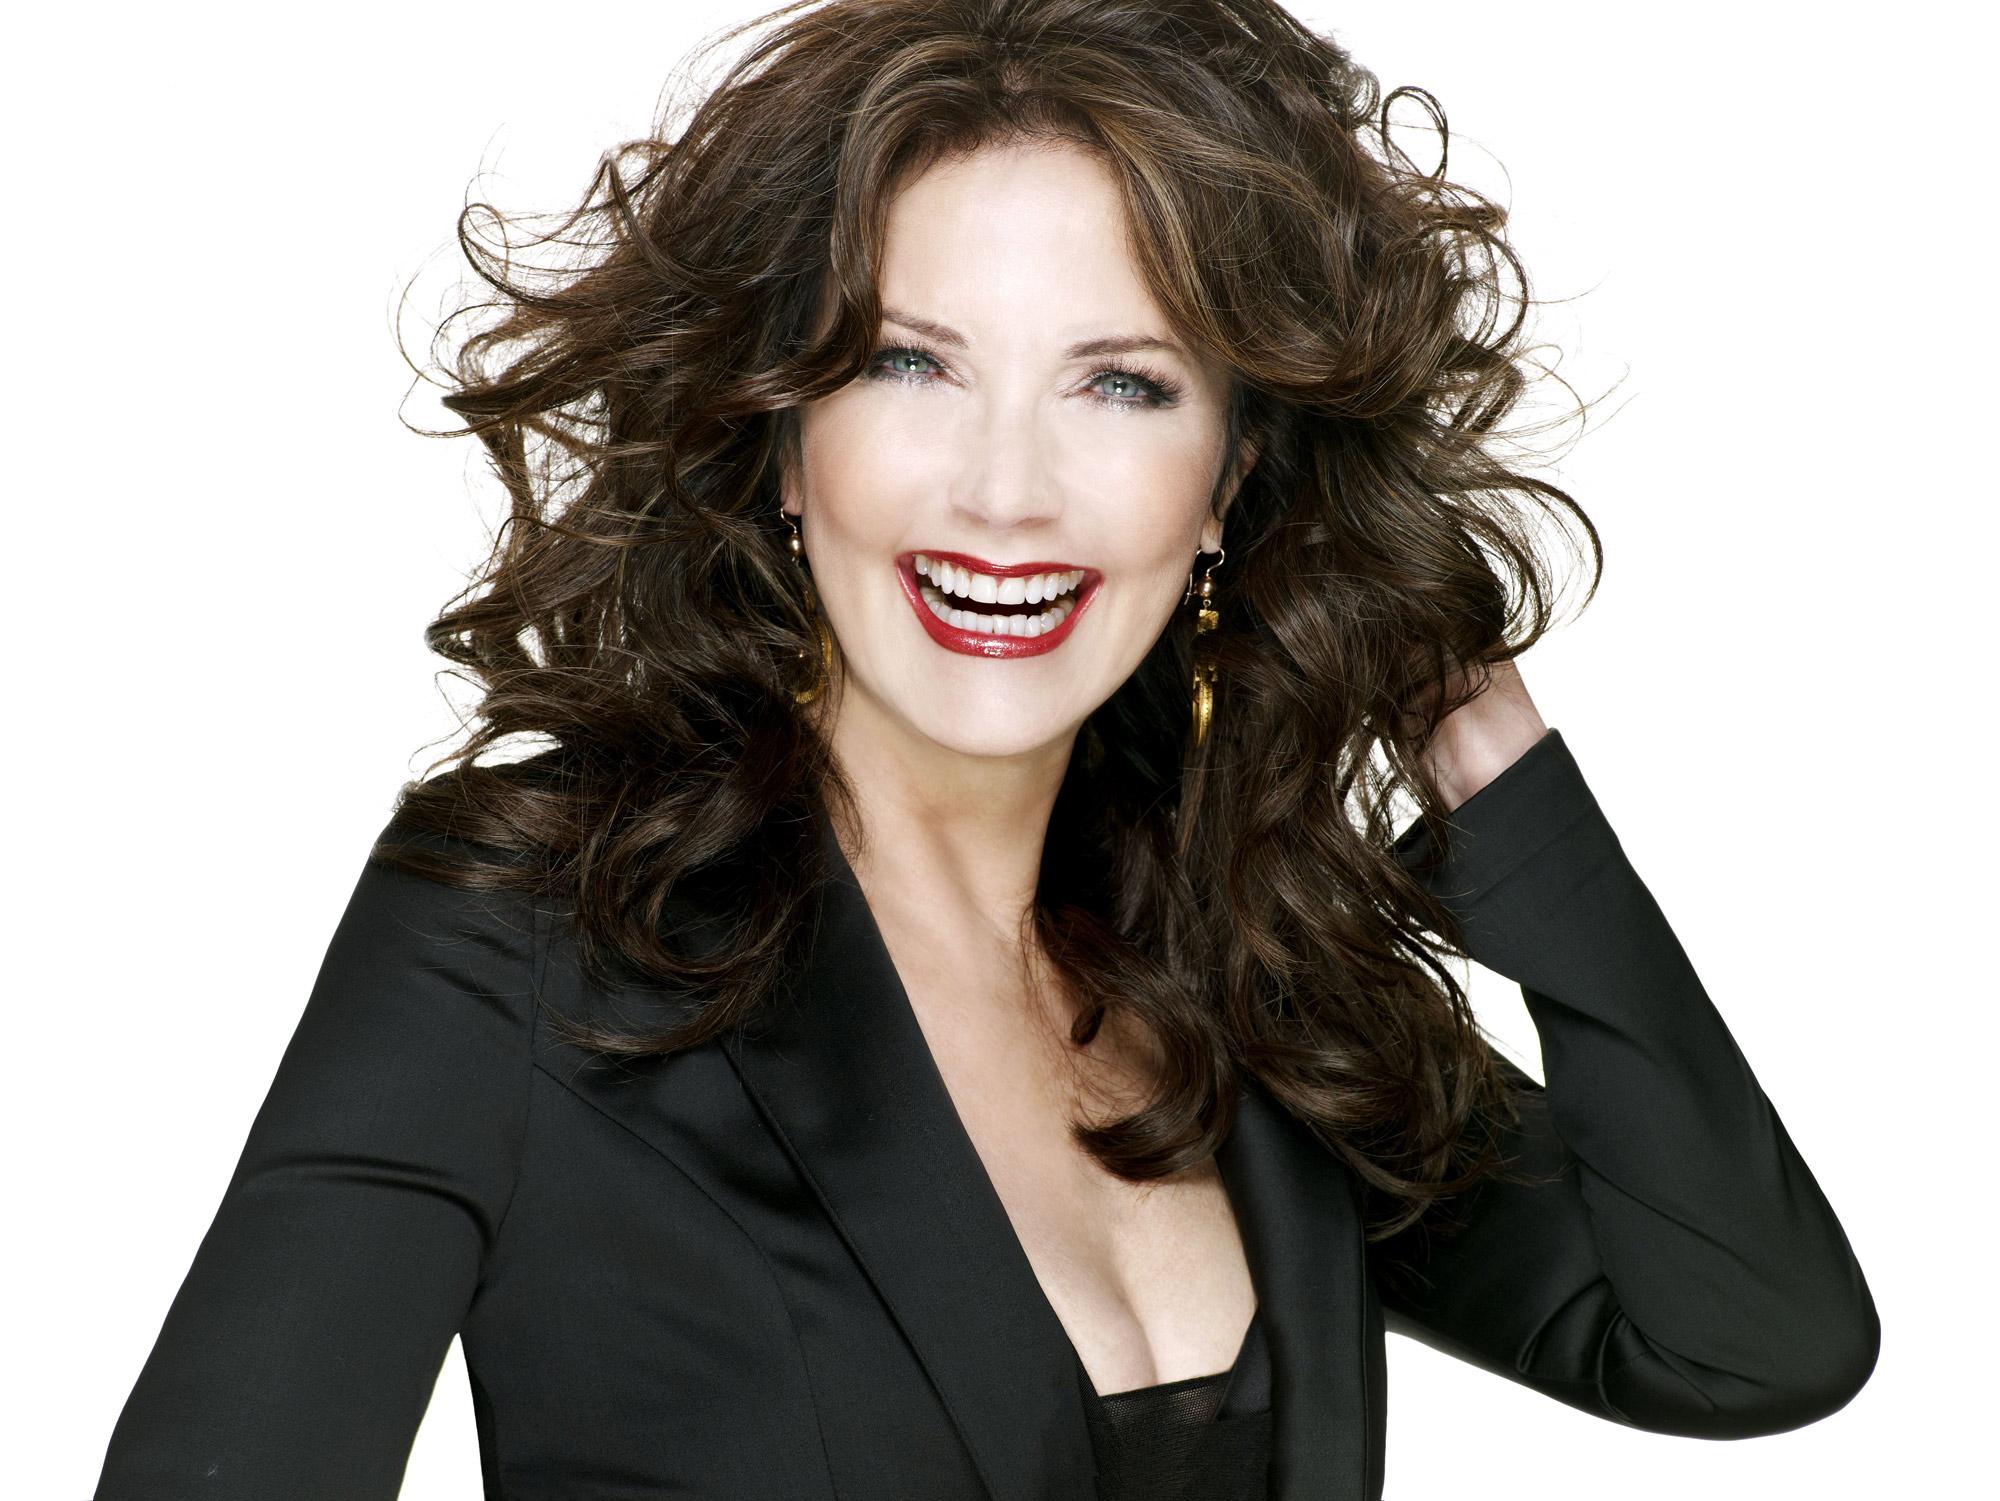 Lynda Carter apareció en un episodio de Smallville, y era bastante